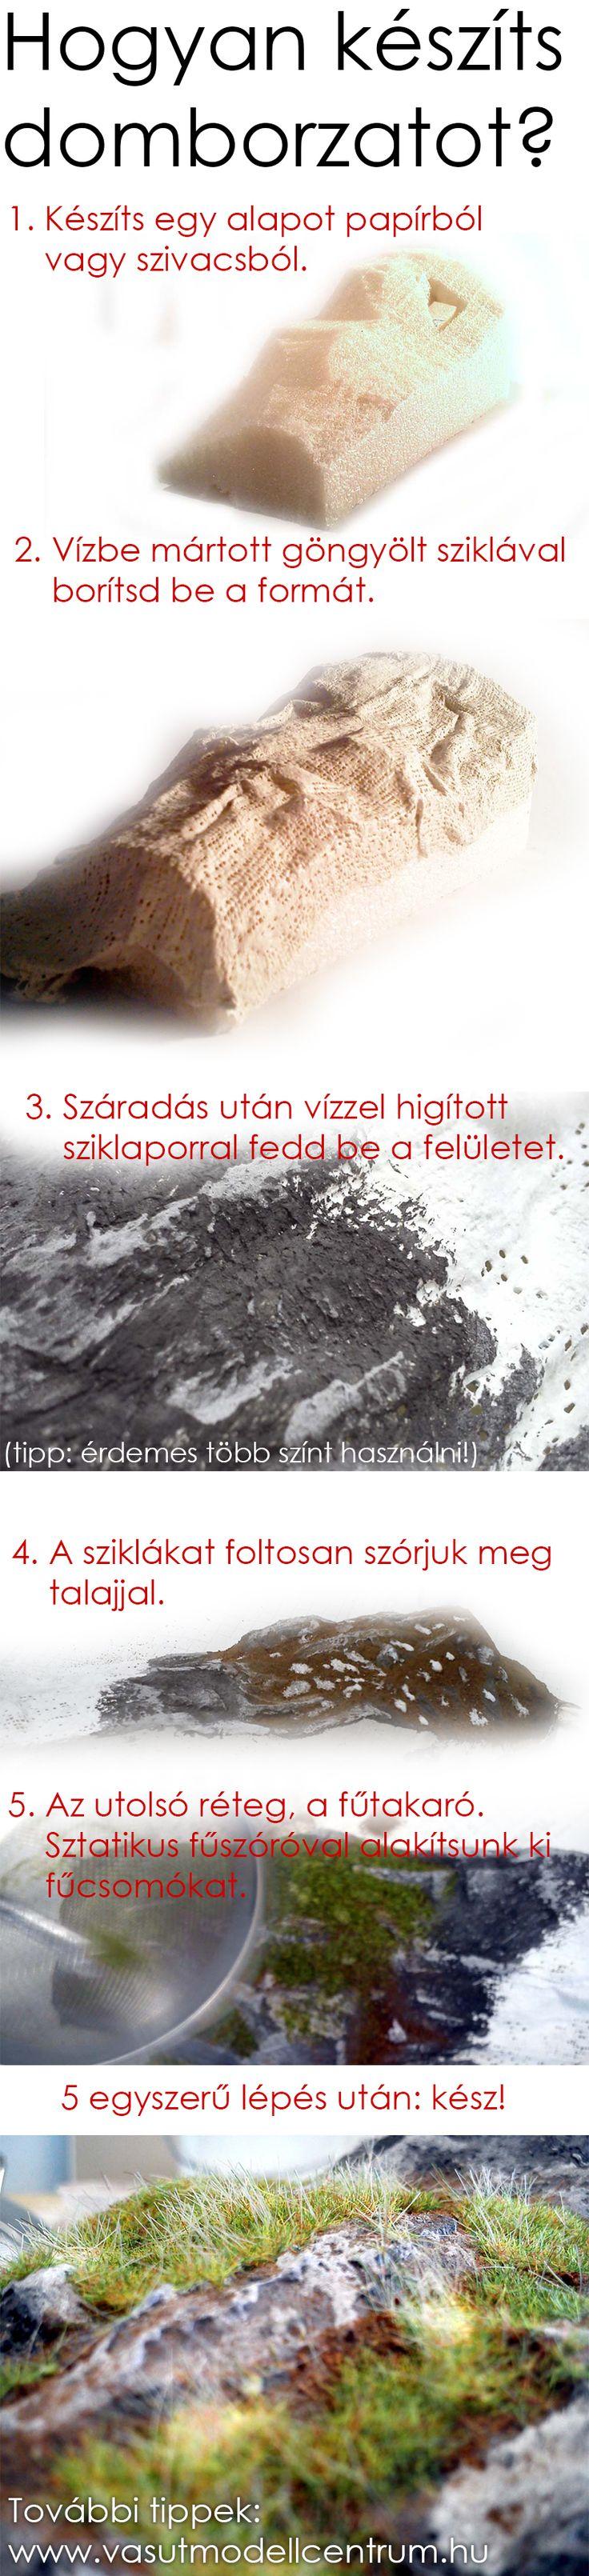 Terep építés diorámához, terepasztalhoz 5 egyszerű lépésben. http://www.vmc-model.eu